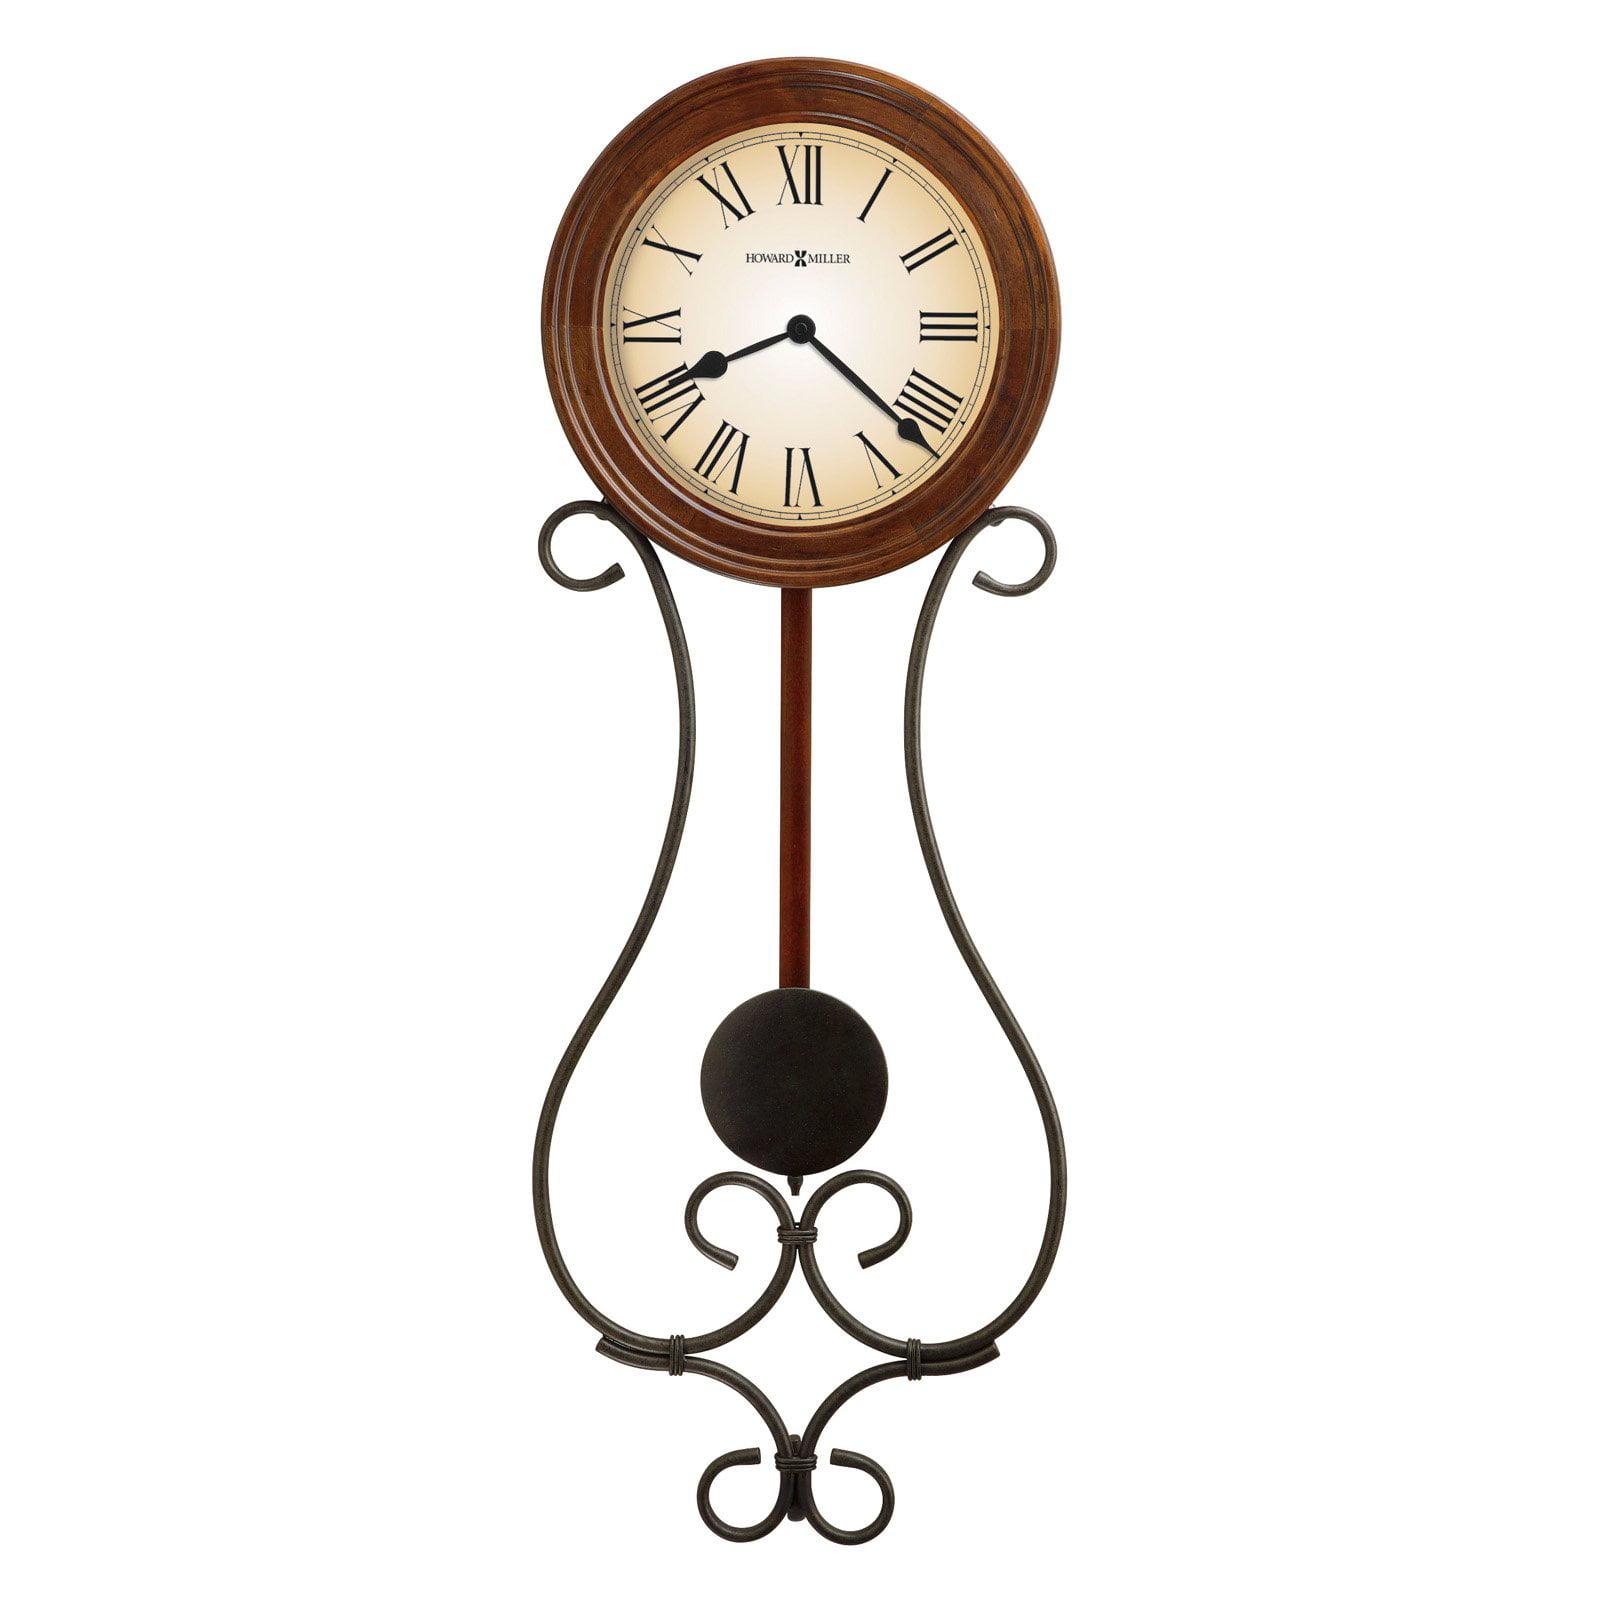 Howard Miller 625-497 Kersen Wall Clock 8-in. Wide by Howard Miller